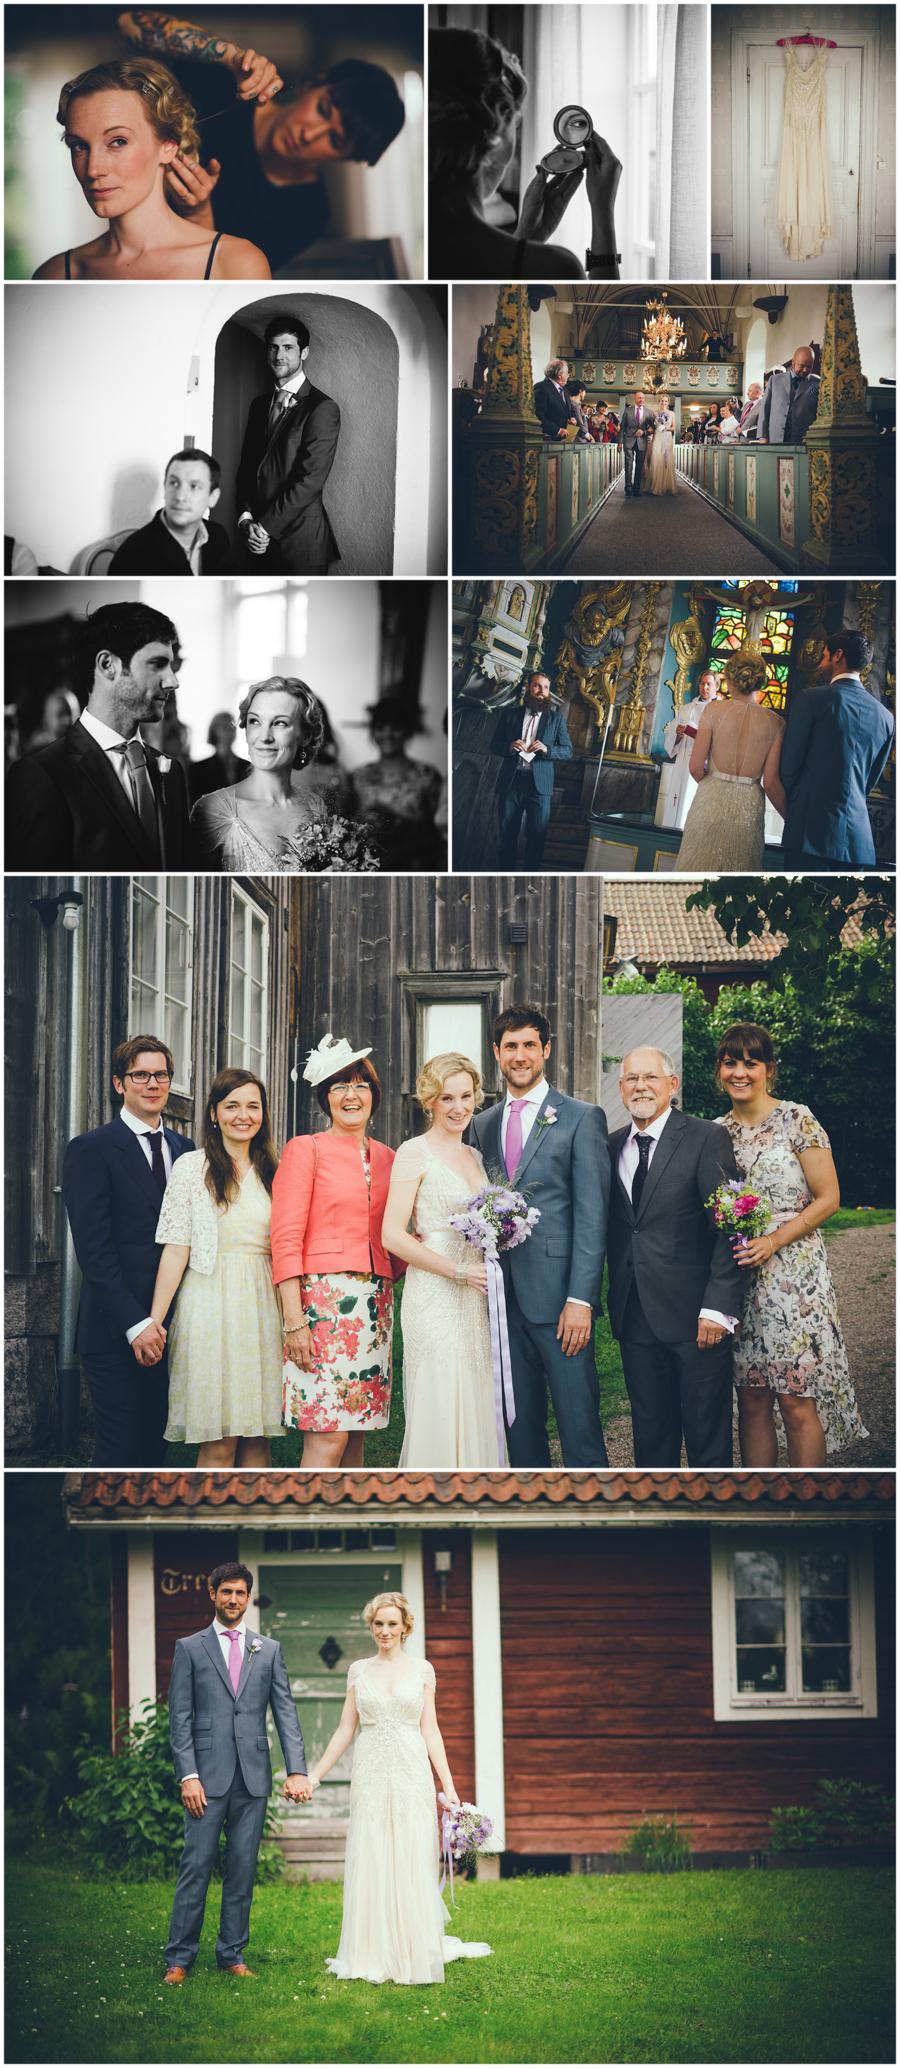 Bröllop i vackra Hälsingland på Frägsta Kulturgård. Therese & Mat den 14 juli 2012 3